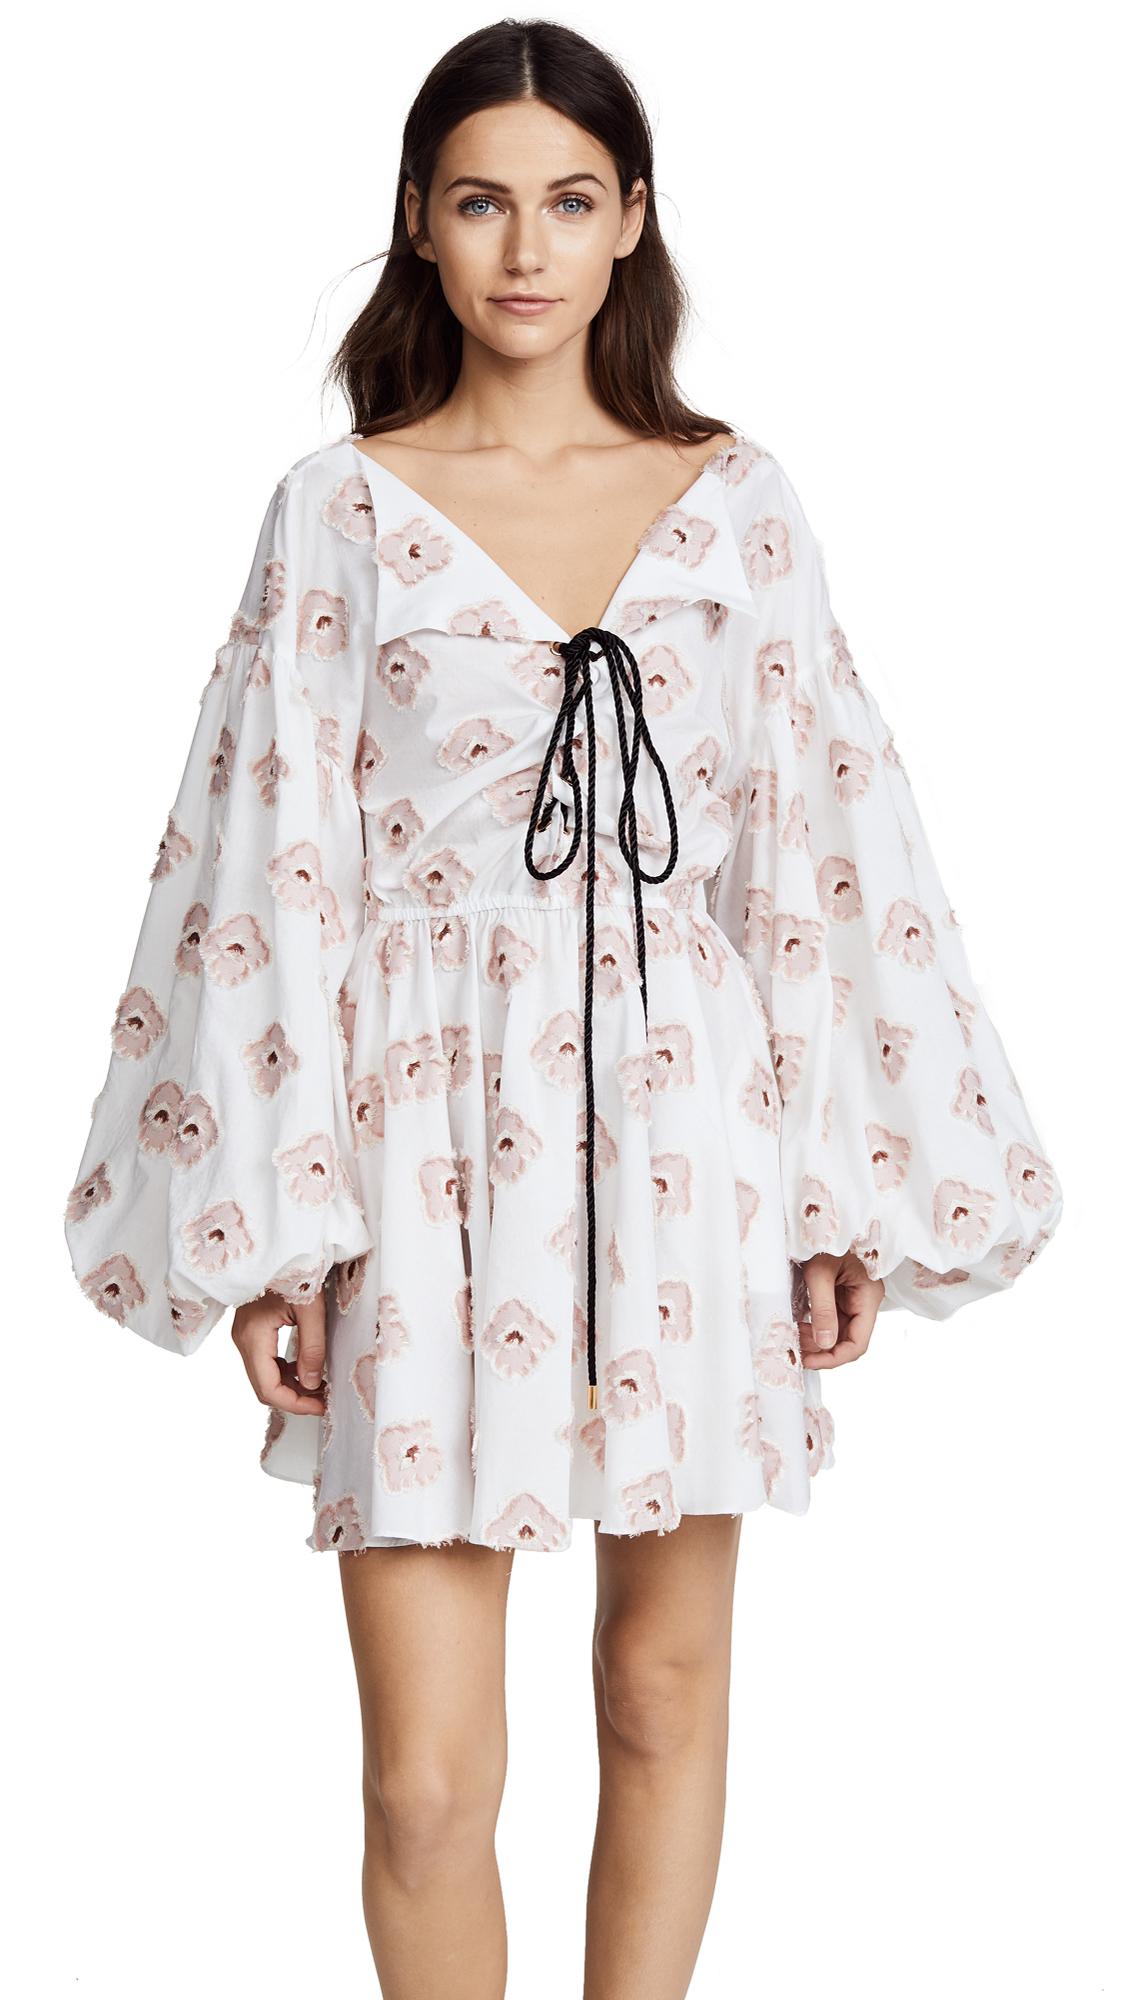 Caroline Constas Olympia Dress - Blush